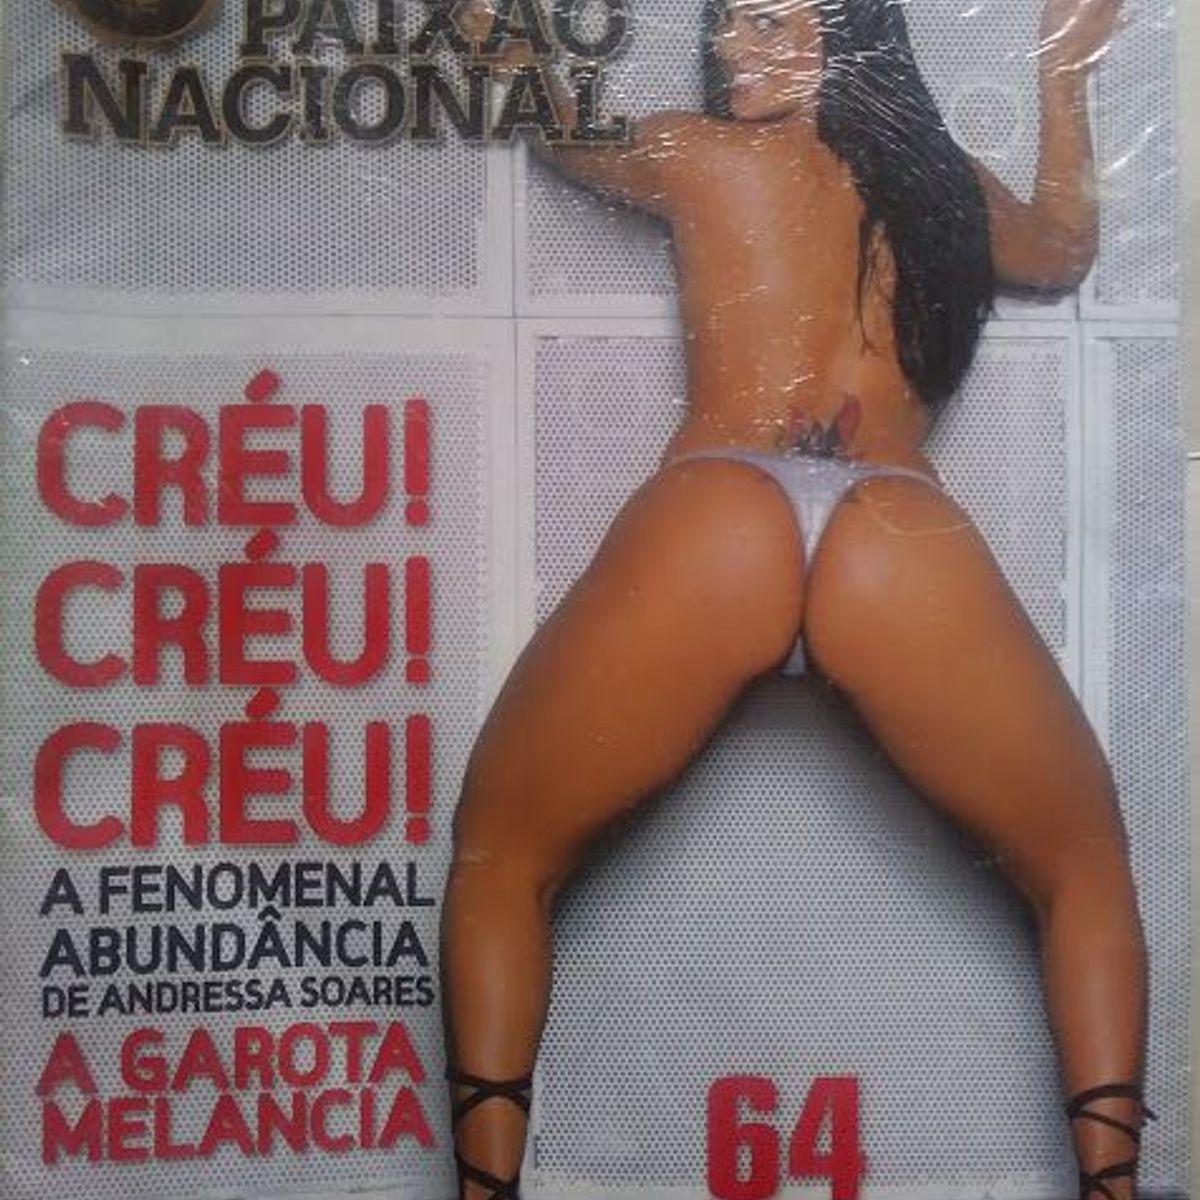 Andressa Soares Playboy p l a y b o y paixão nacional mulher melancia creu! creu! creu! andressa  soares que abundancia | livro editora abril nunca usado 33338095 | enjoei